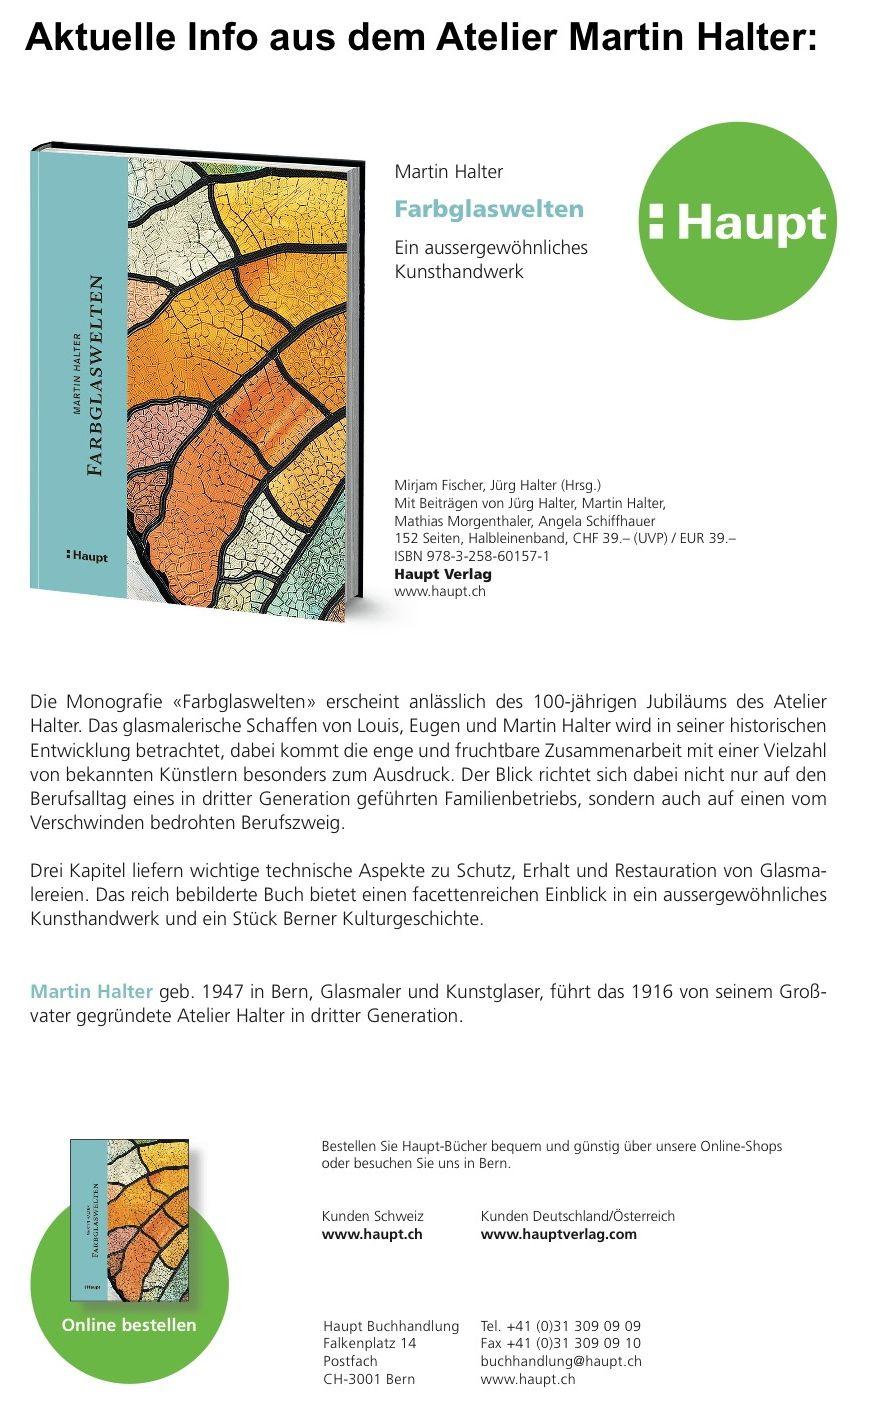 Diese Monografie ist ab Oktober 2016 im Handel. Anlässlich zum 100jährigen Bestehen der Drei-Generationen-Glasmalerei HALTER in Bern (1916 - 2016)